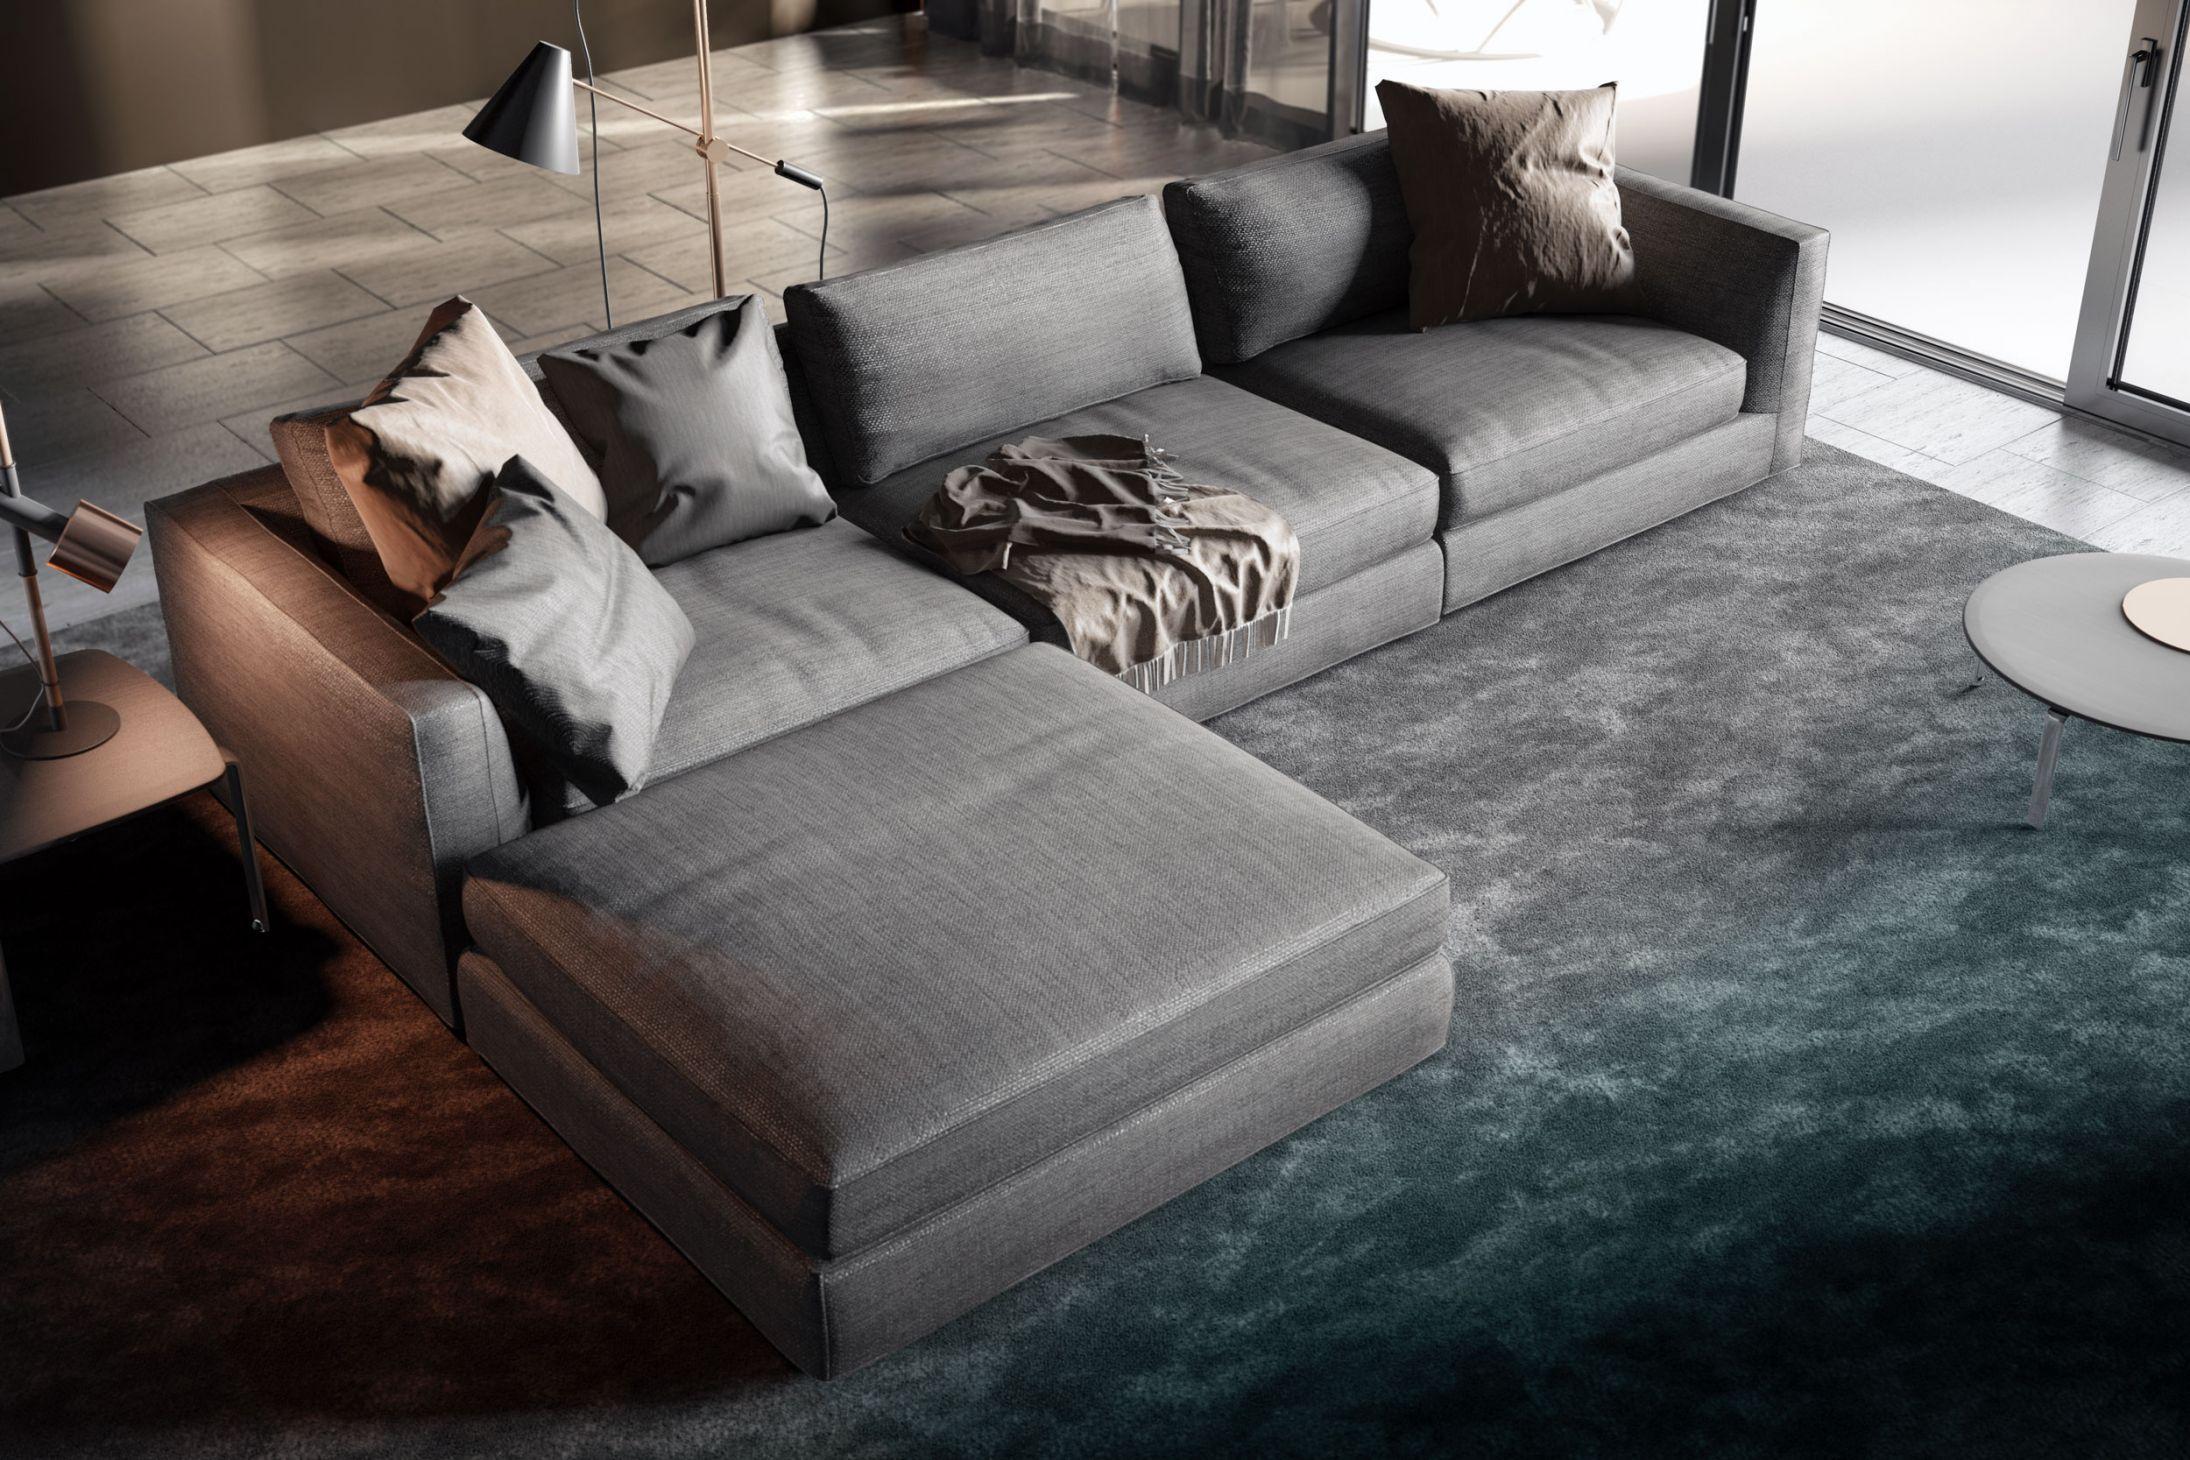 Milo Modular Sectional Modular Sectional Sofa Modular Sectional Sofa Design